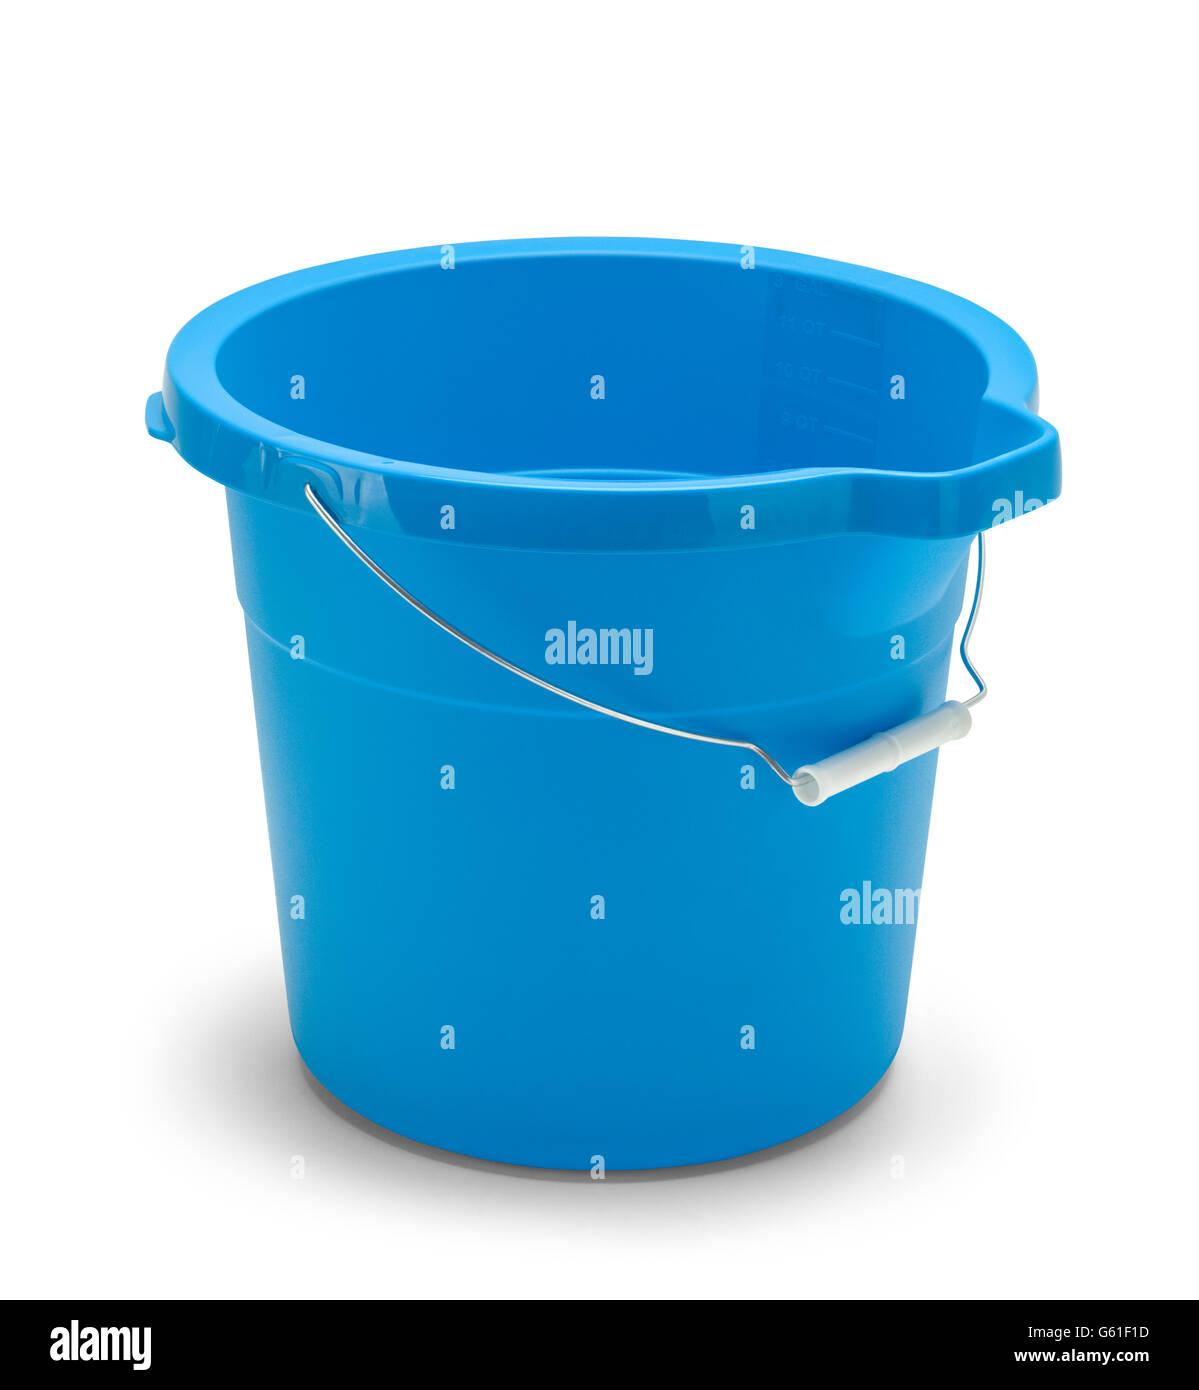 Vuoto azzurro benna pulizia isolati su sfondo bianco. Immagini Stock